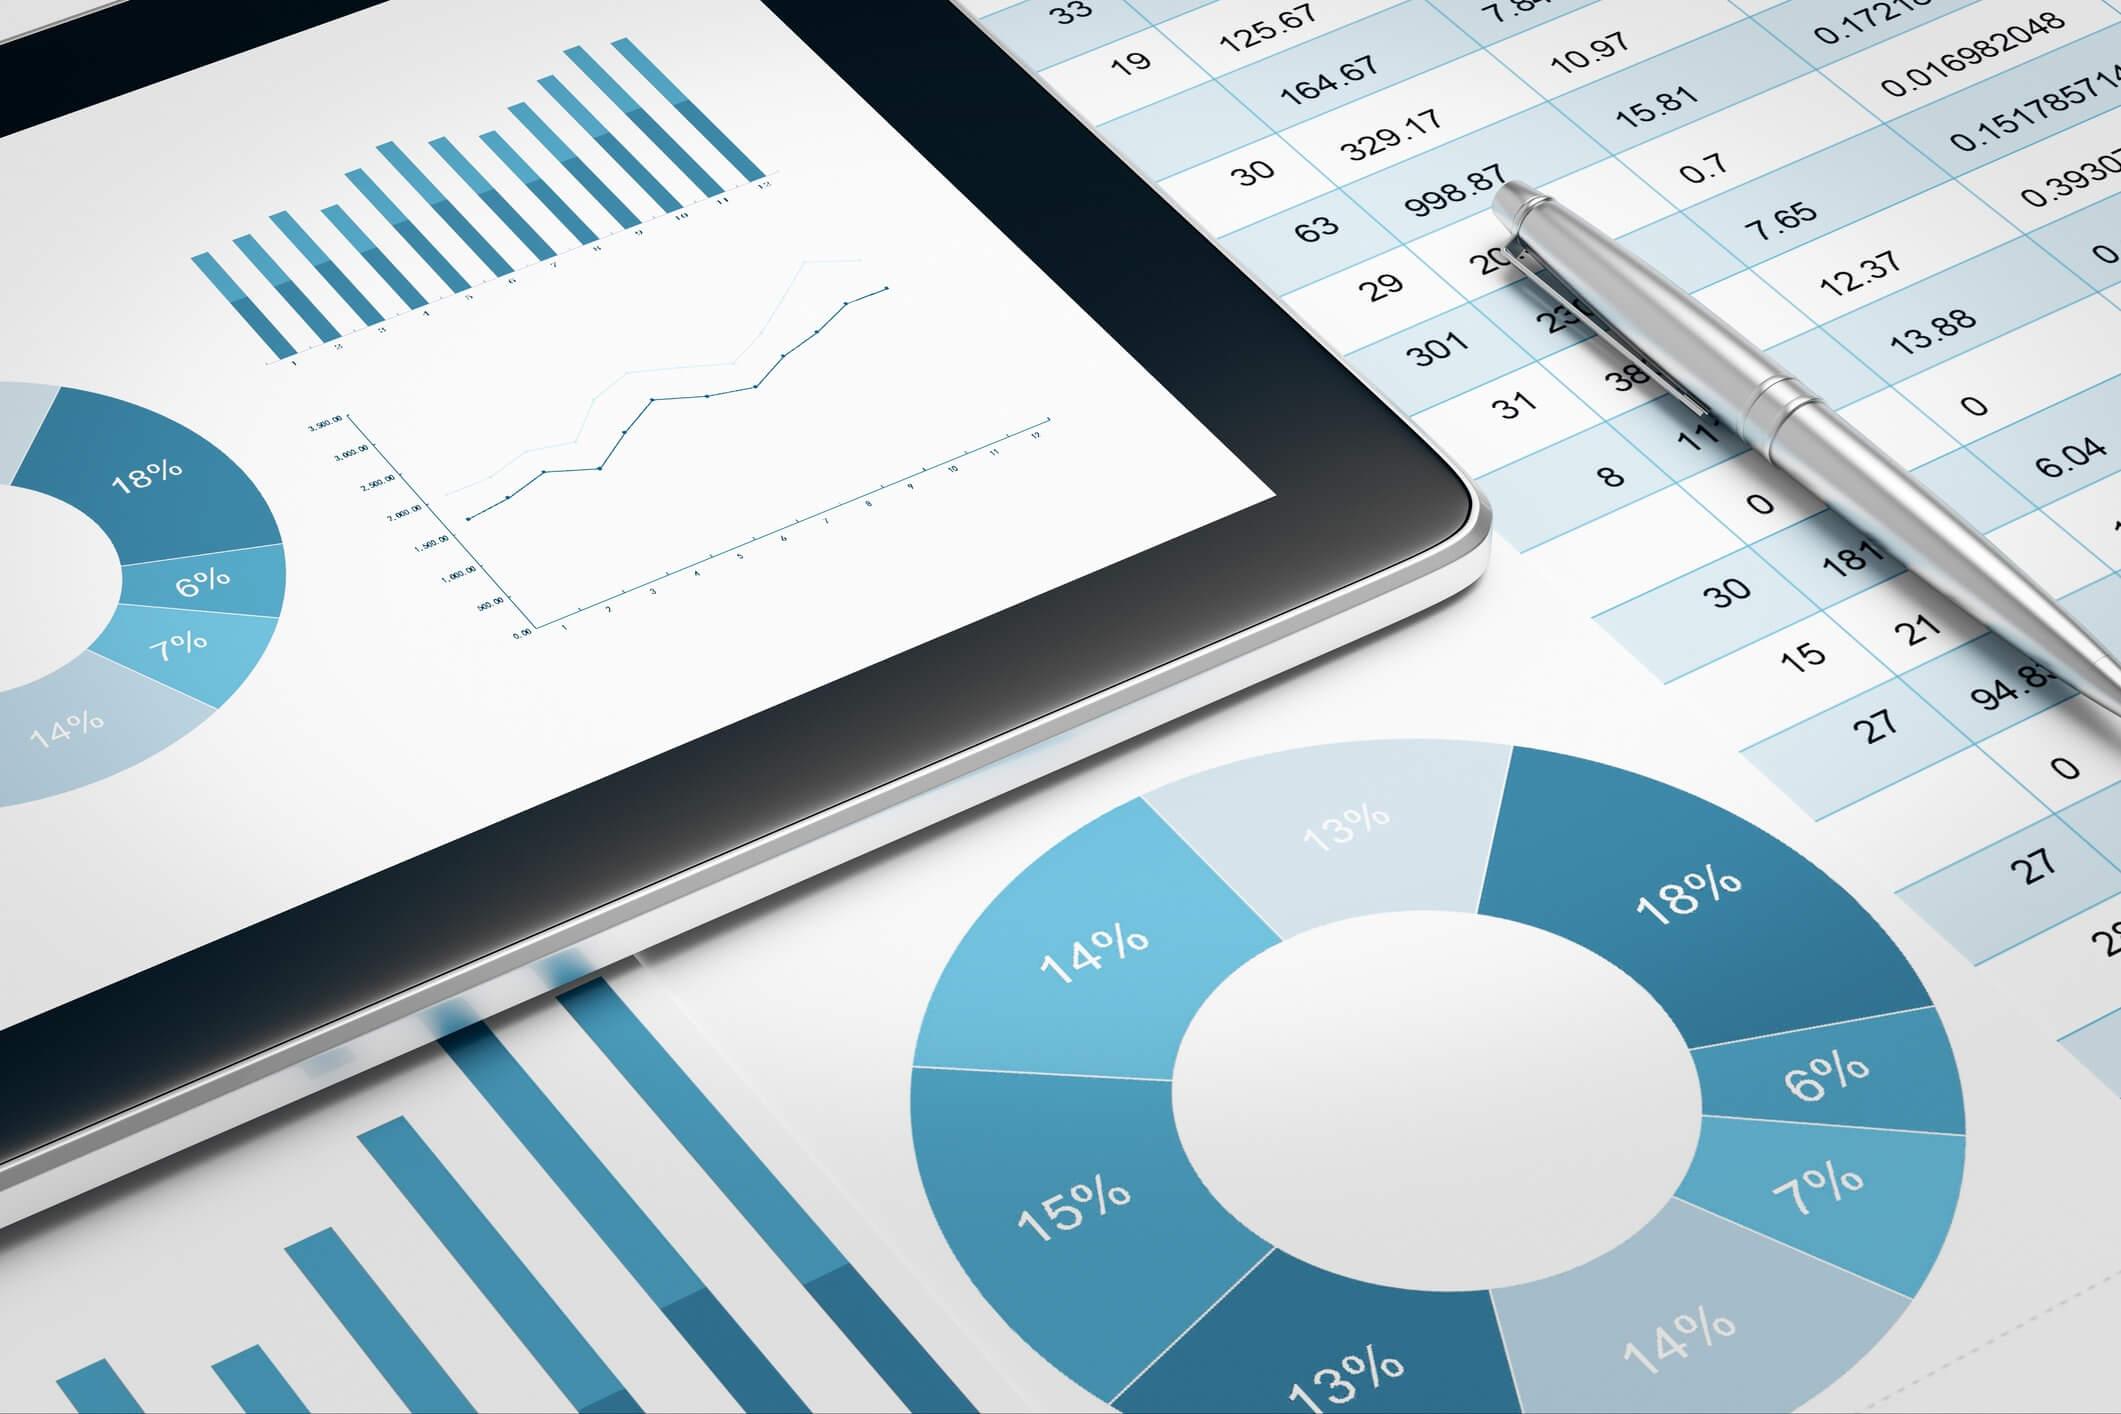 Las 12 métricas para medir los resultados de marketing